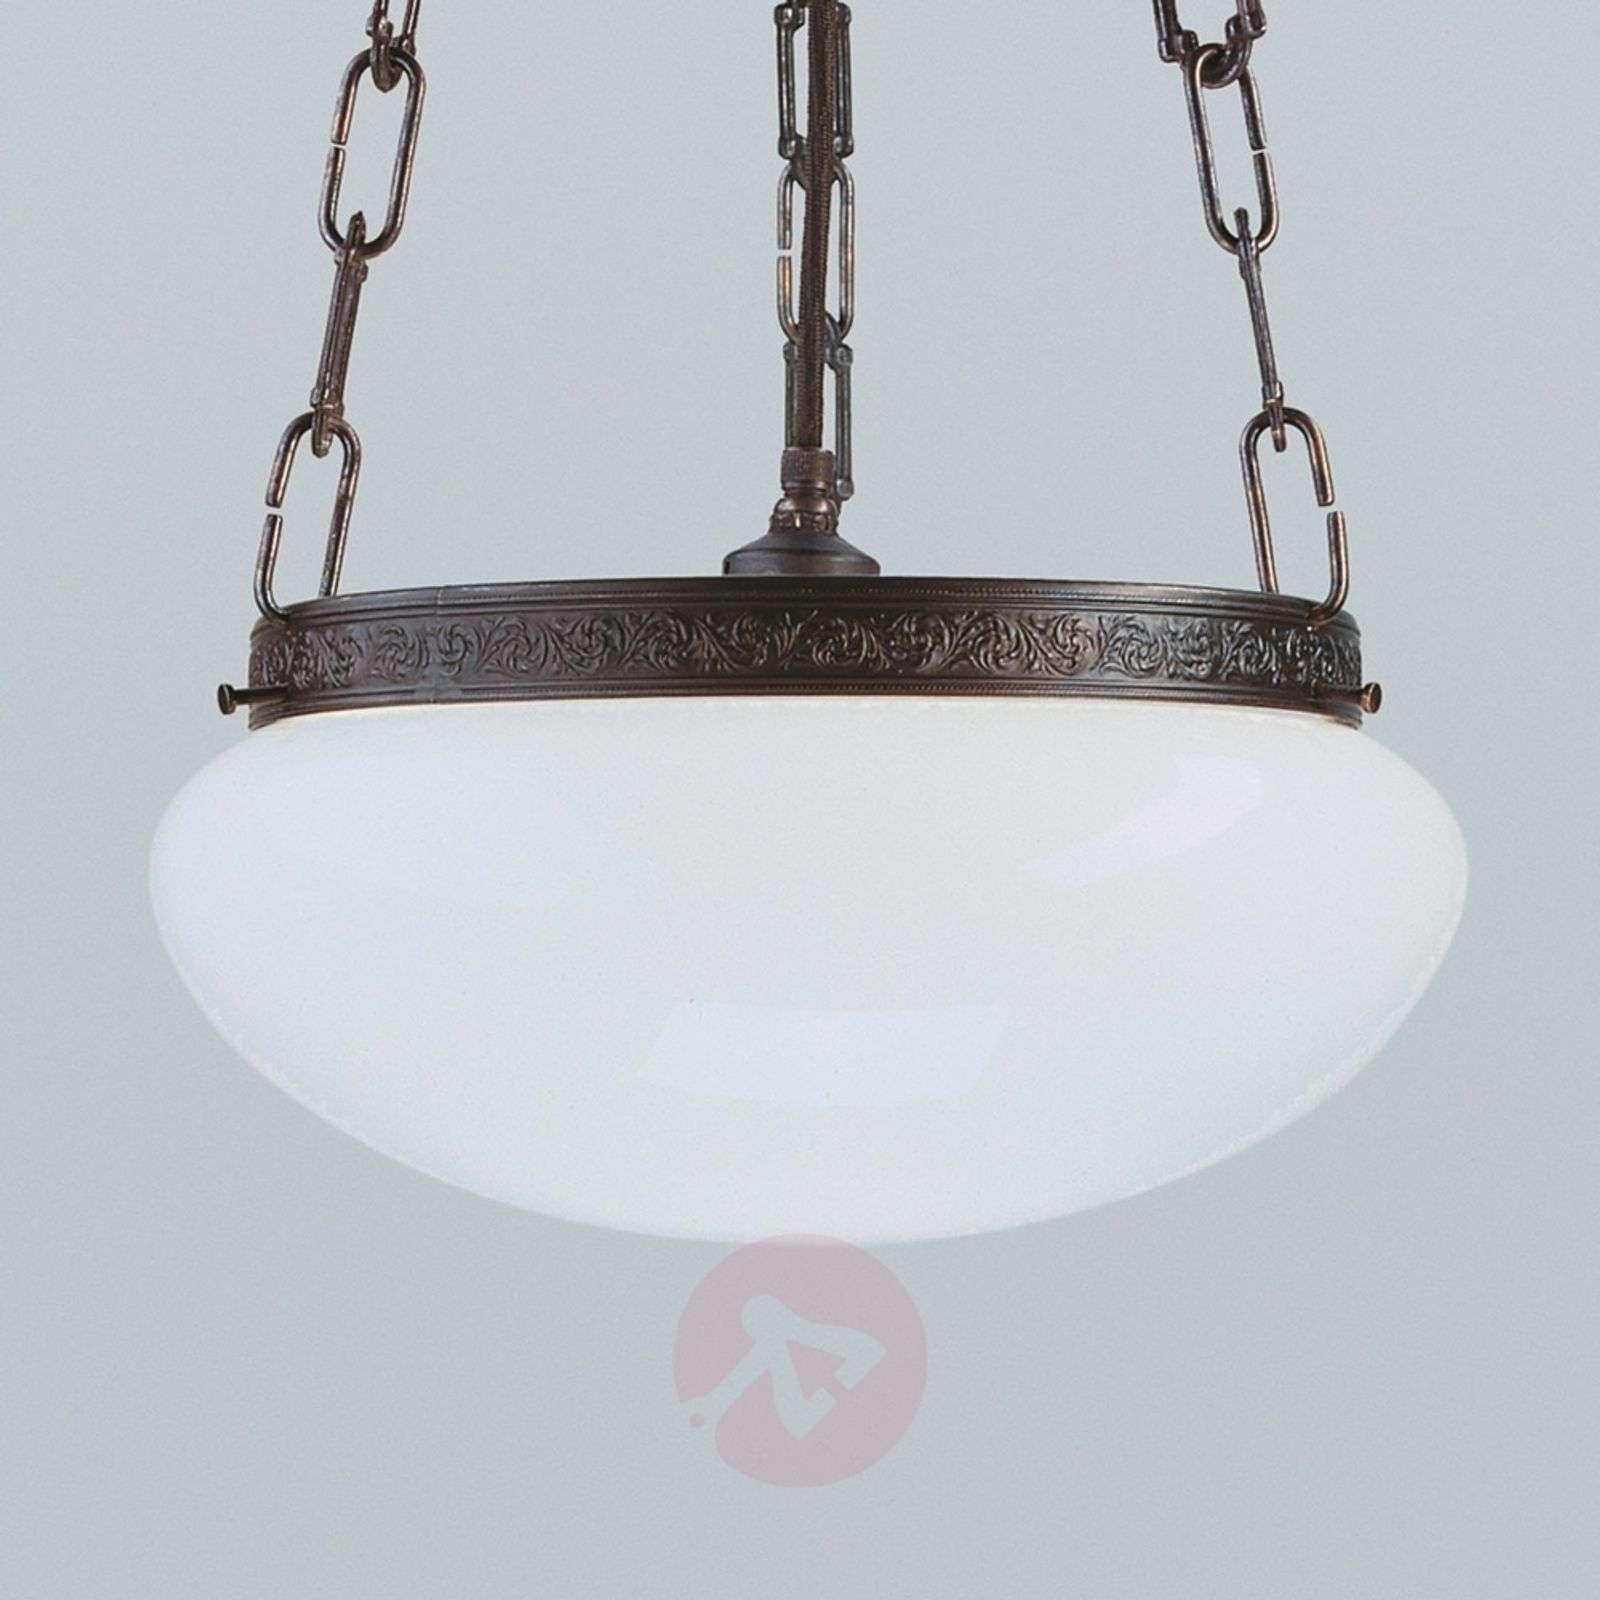 Verne antique-effect hanging light_1542087_1